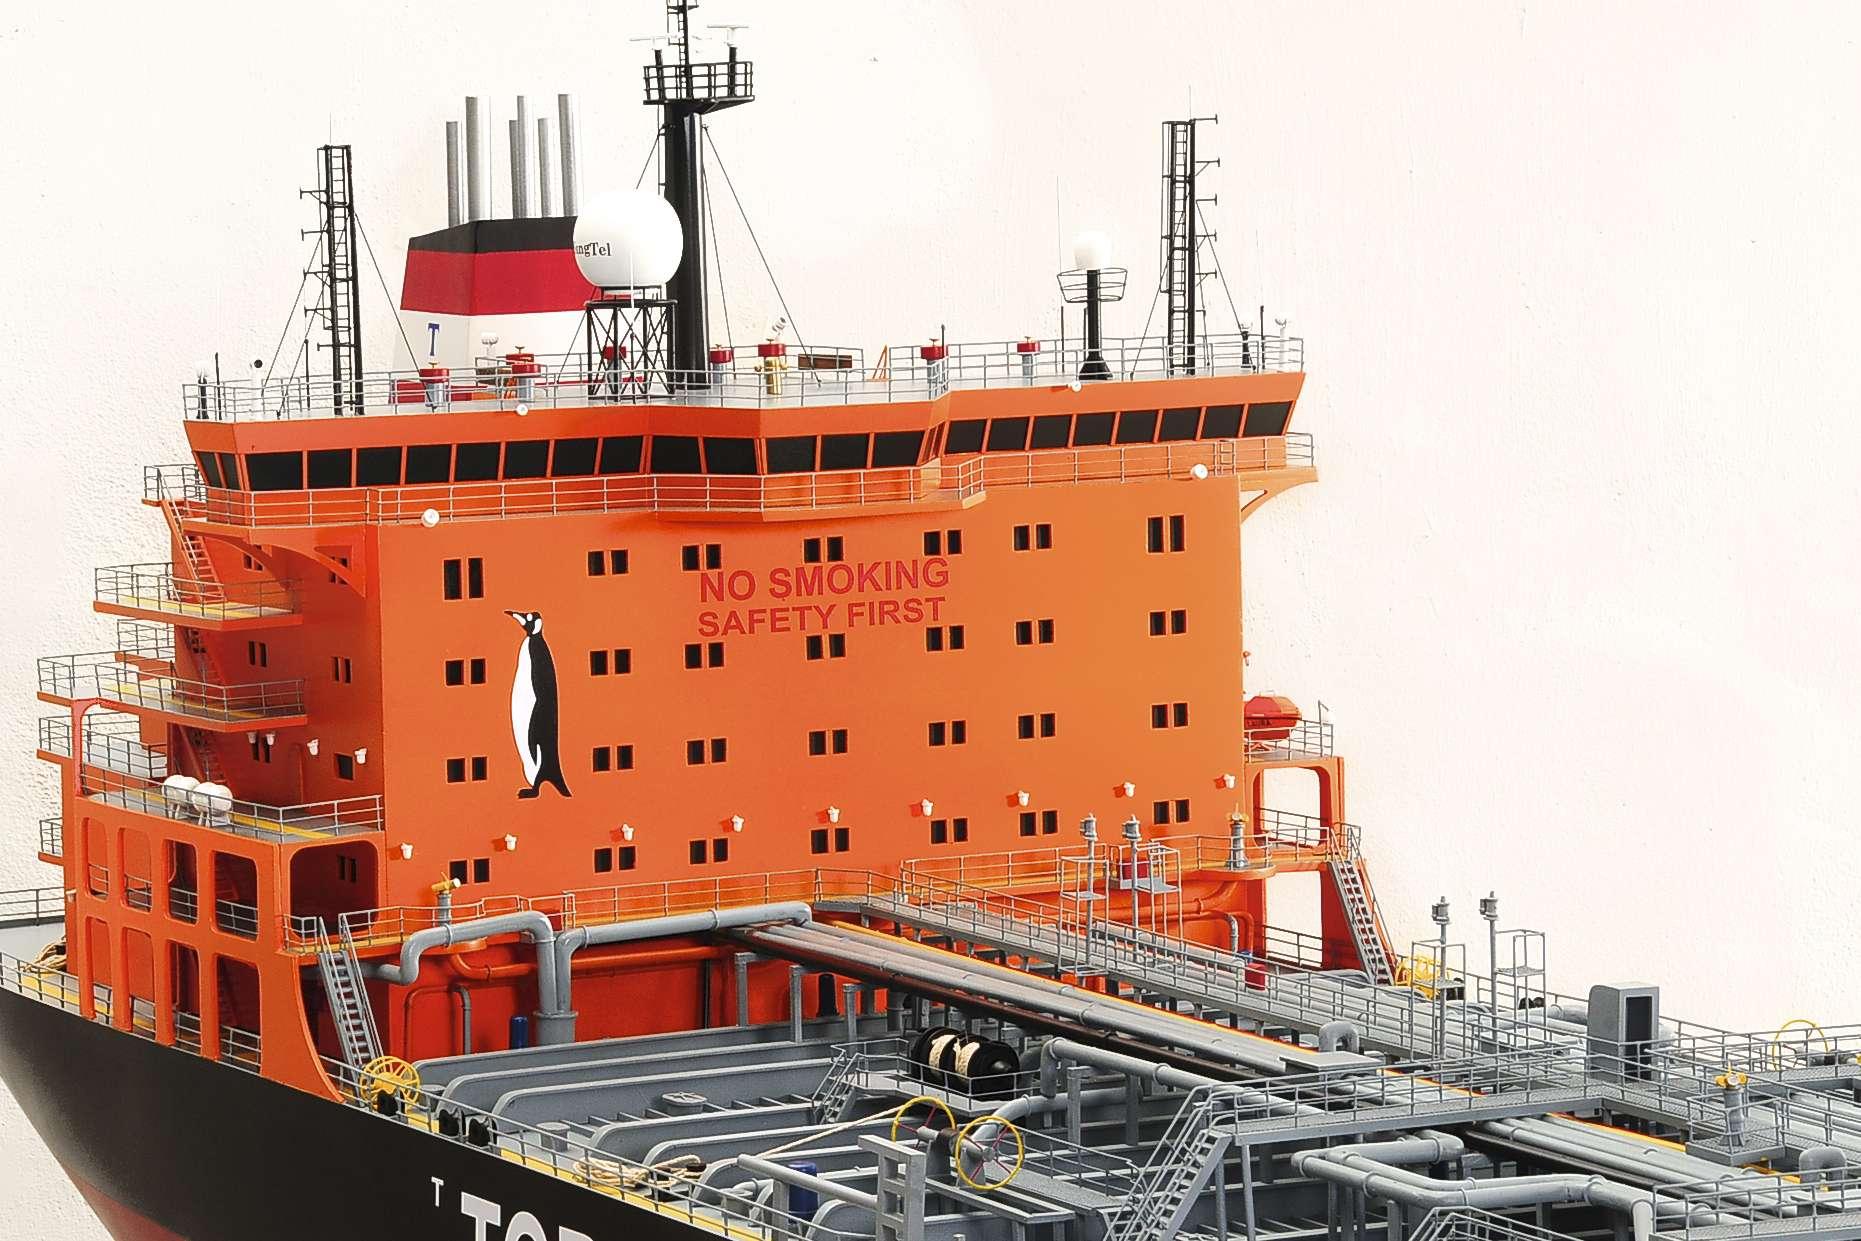 1426-4802-Oil-Tanker-Model-Ship